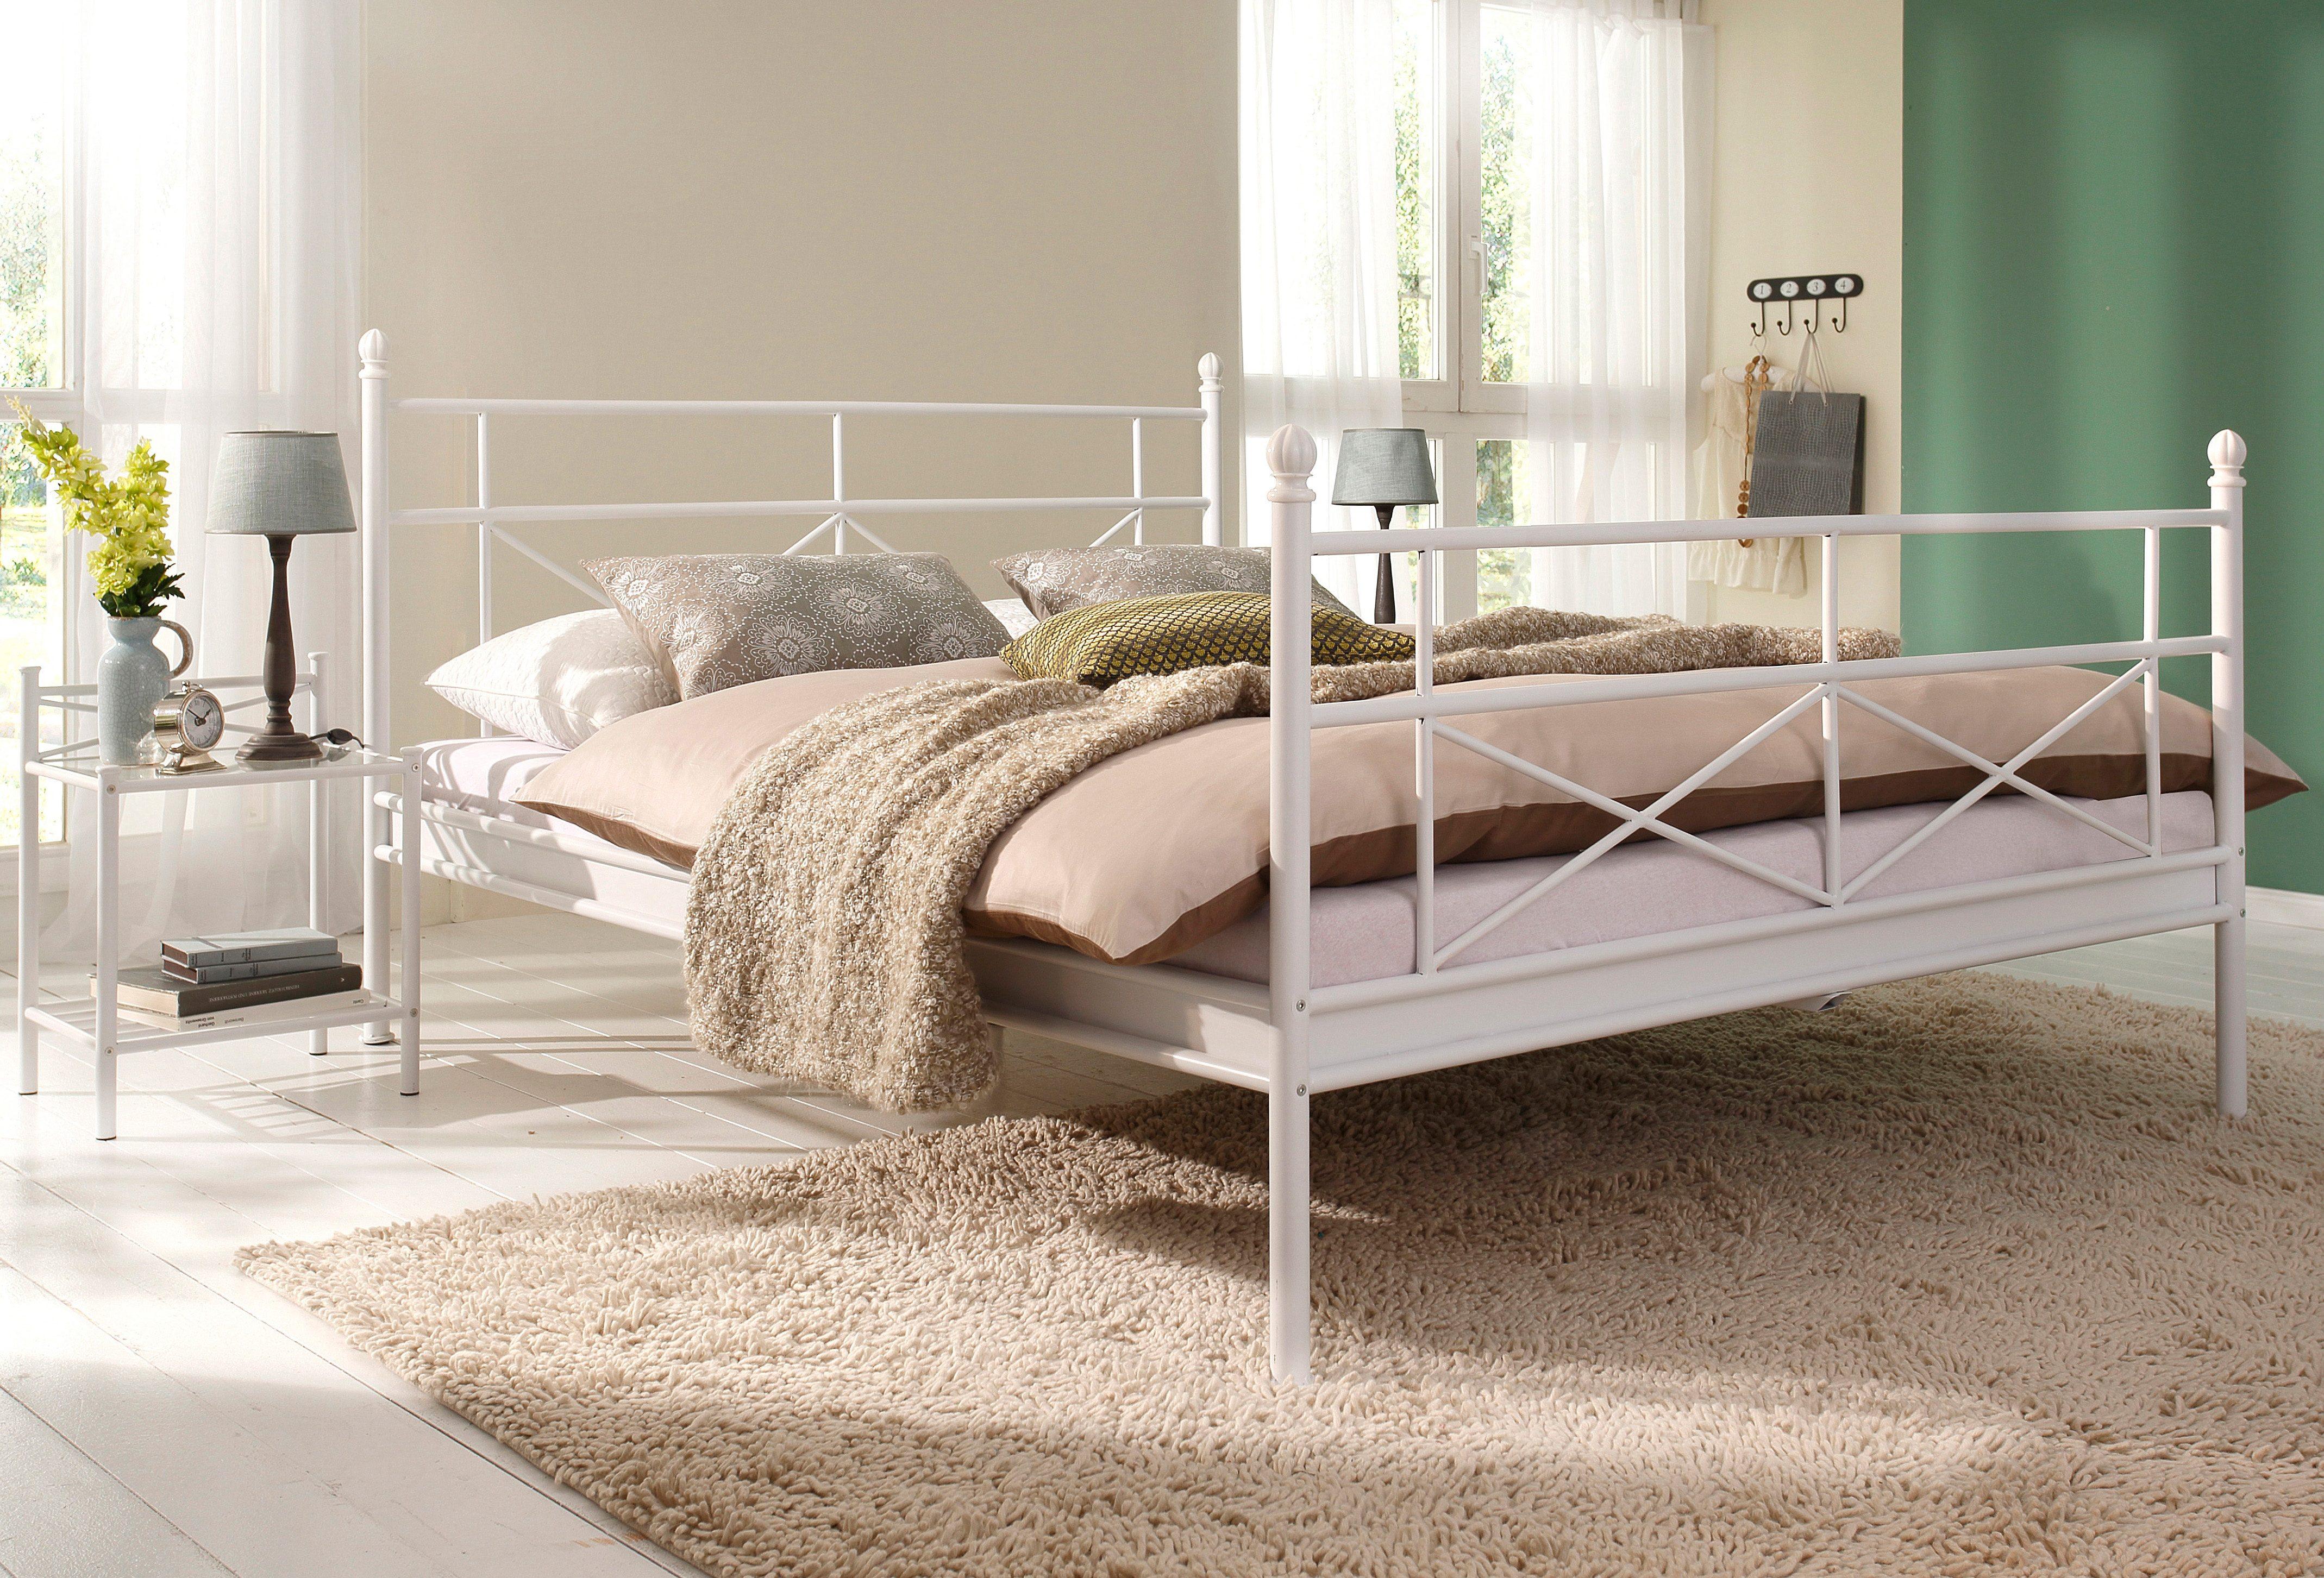 Home affaire metalen bed in breedten online bij otto